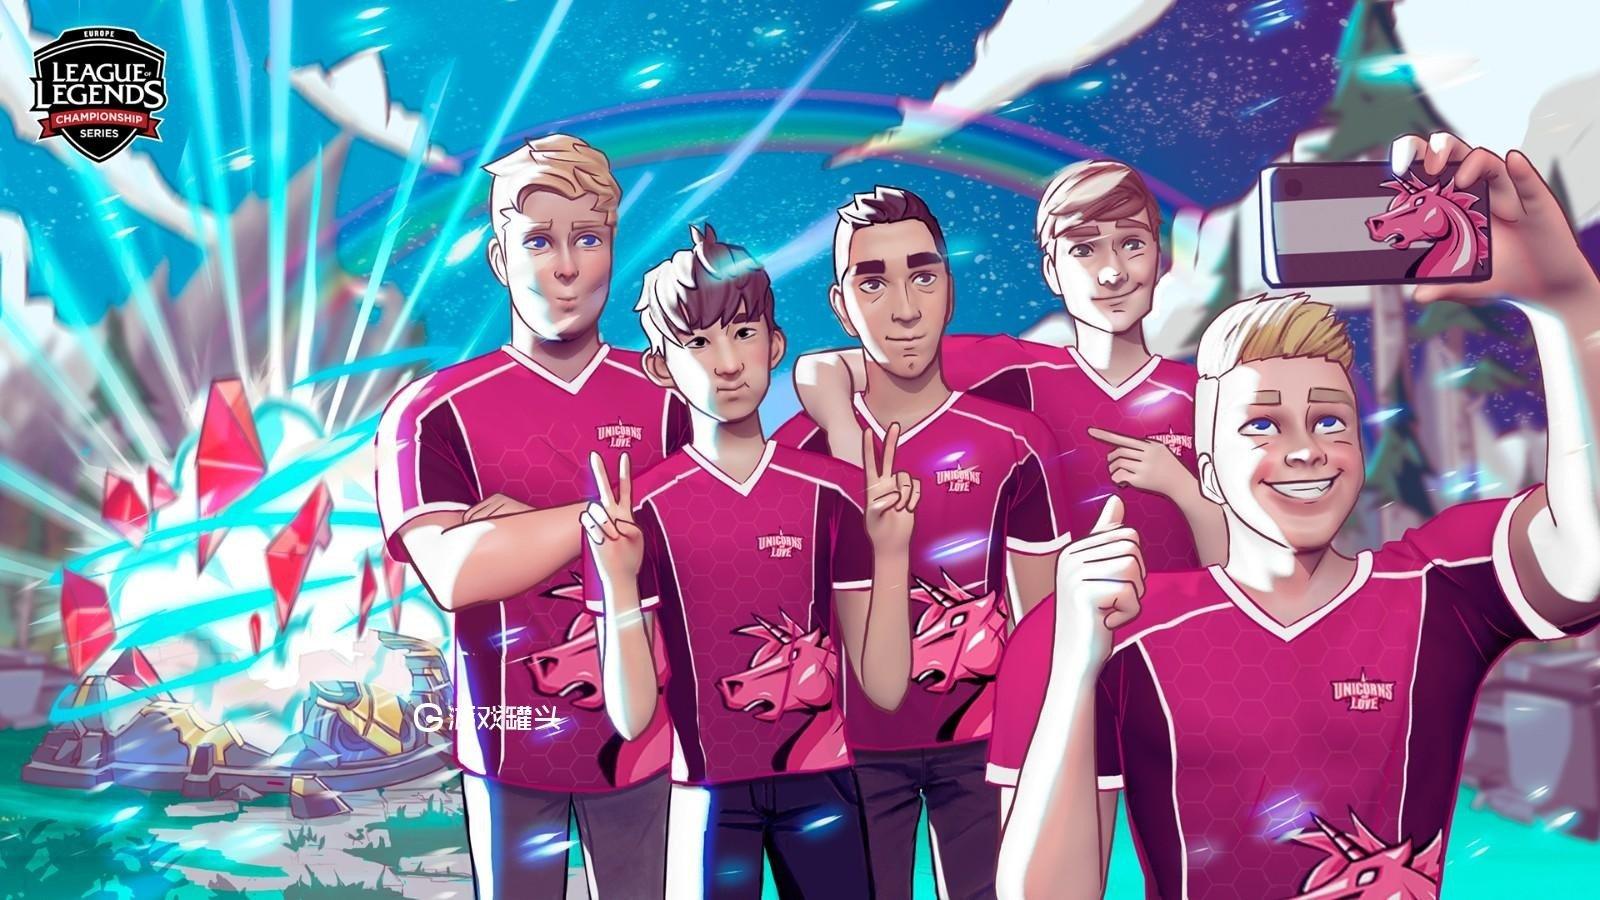 Бывший игрок Gambit Esports перешёл в Unicorns of Love